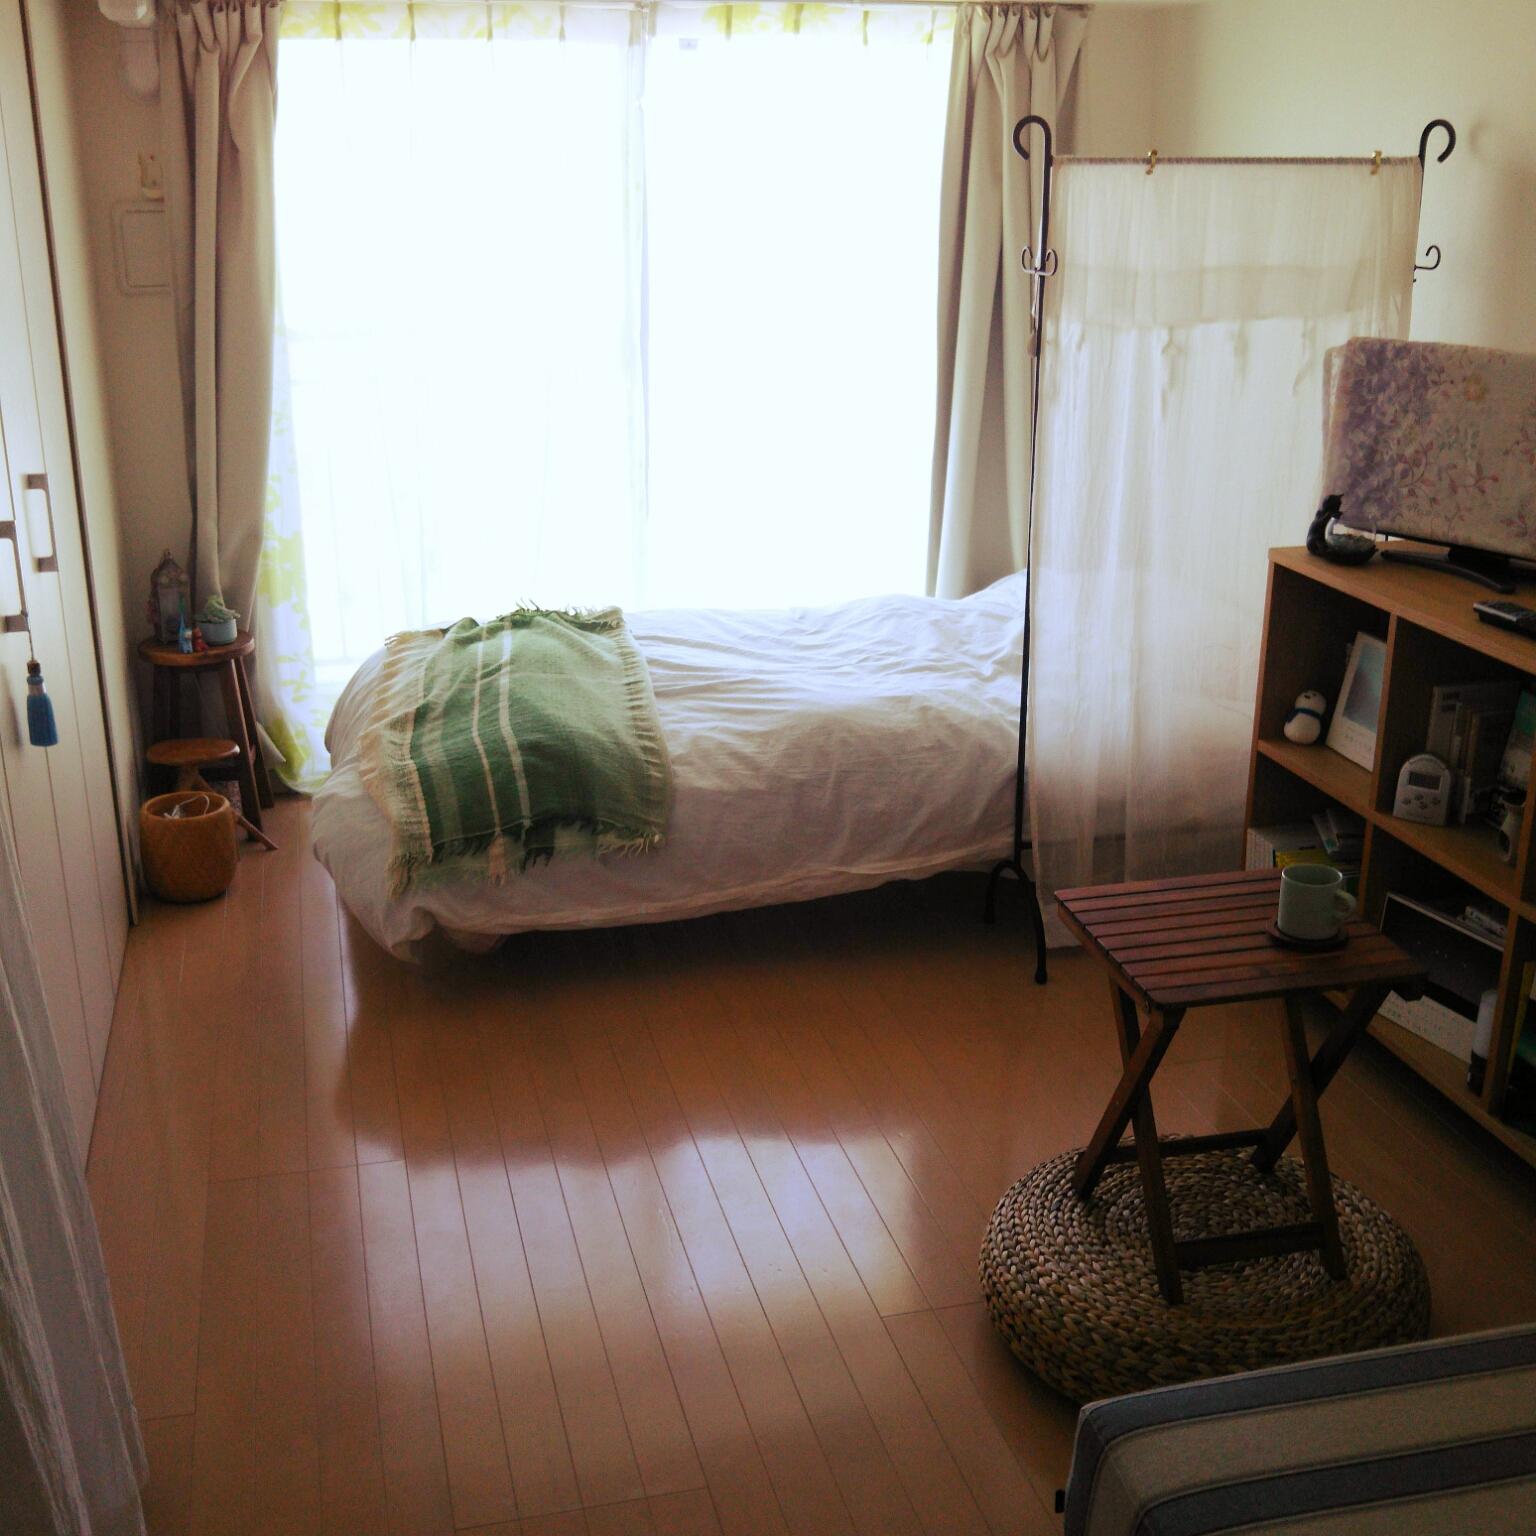 狭くてもあきらめない!狭い部屋を快適に広く見せる方法